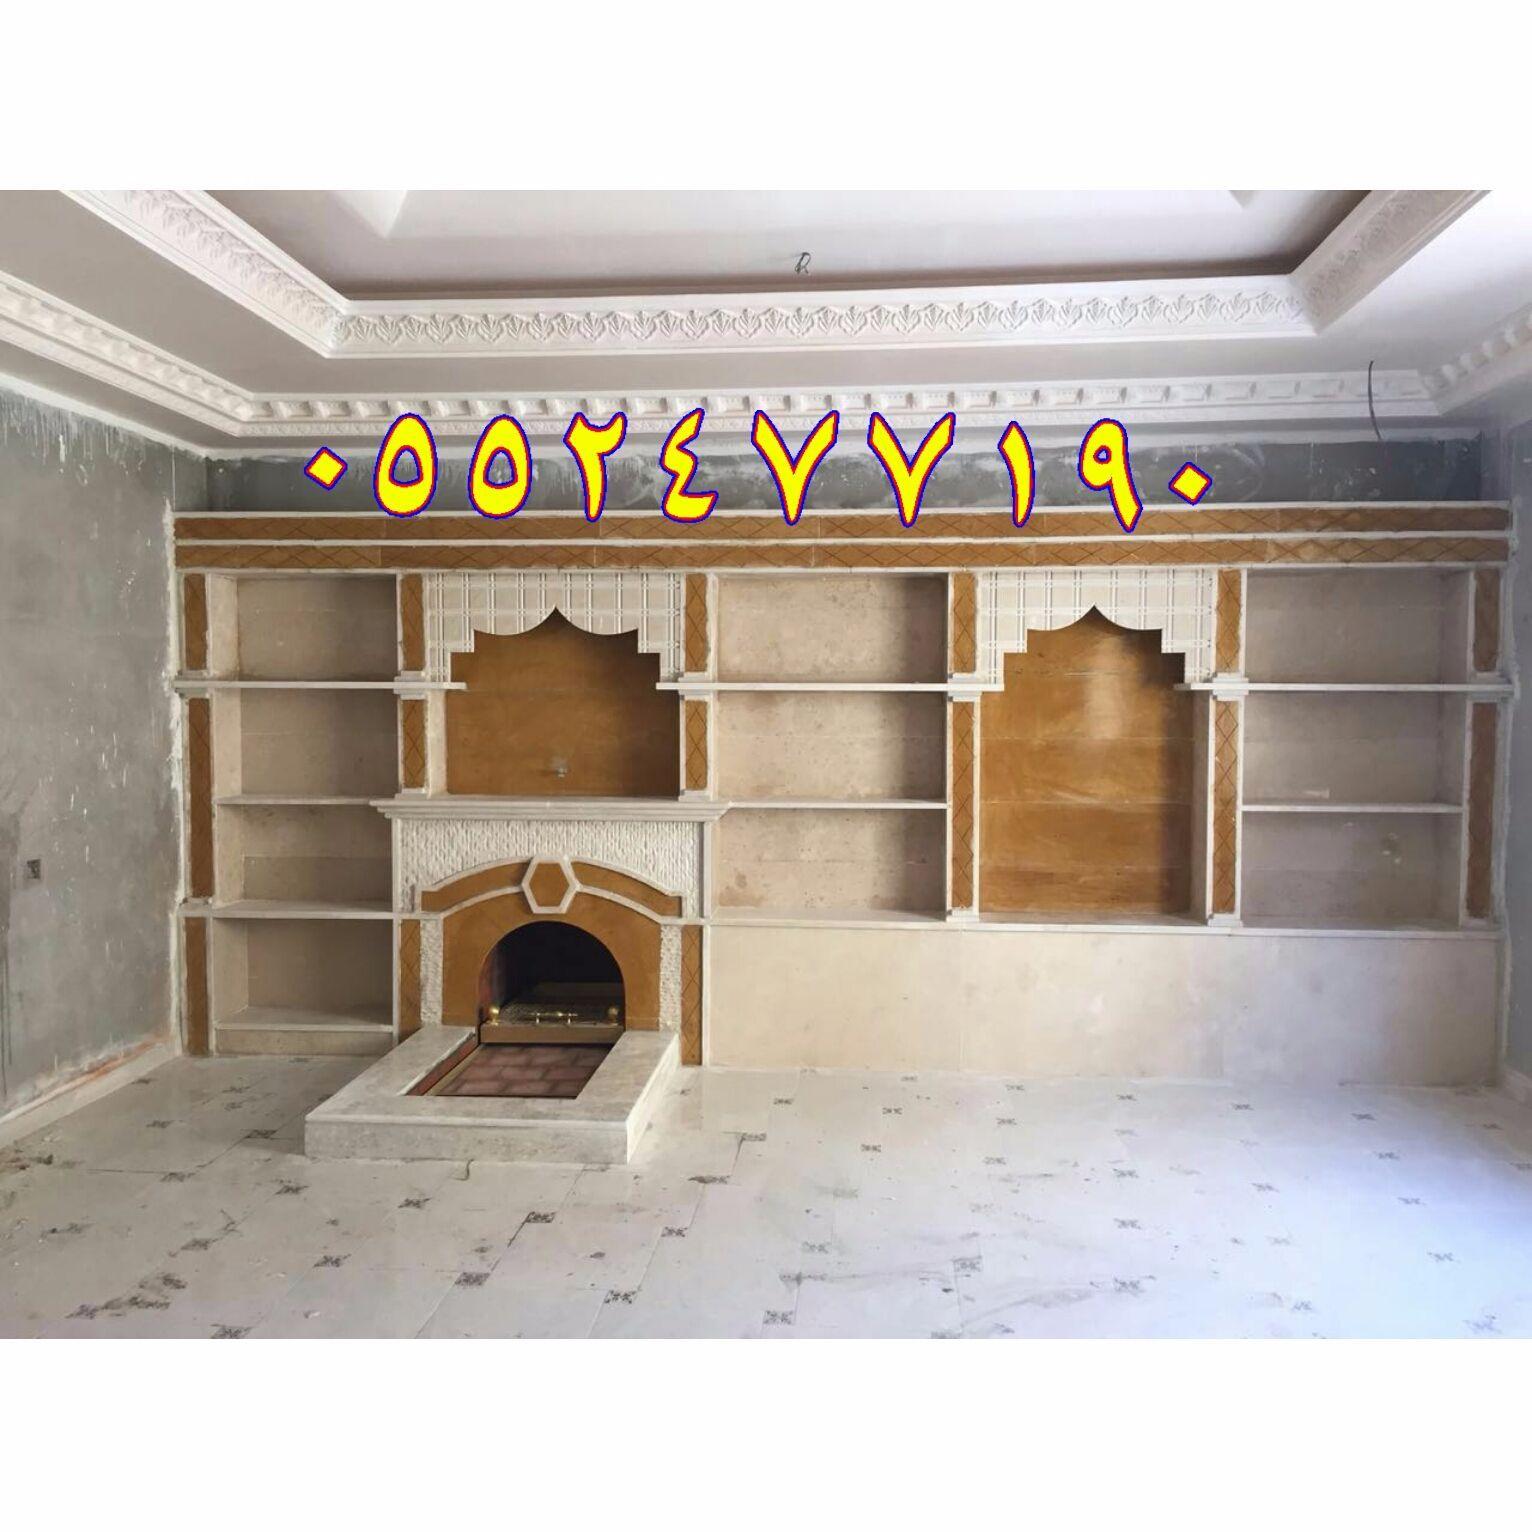 ديكورات مشبات روعه اشكال مشبات فخمه مشبات ملاحق مشبات بيوت Fireplace Decor Home Decor